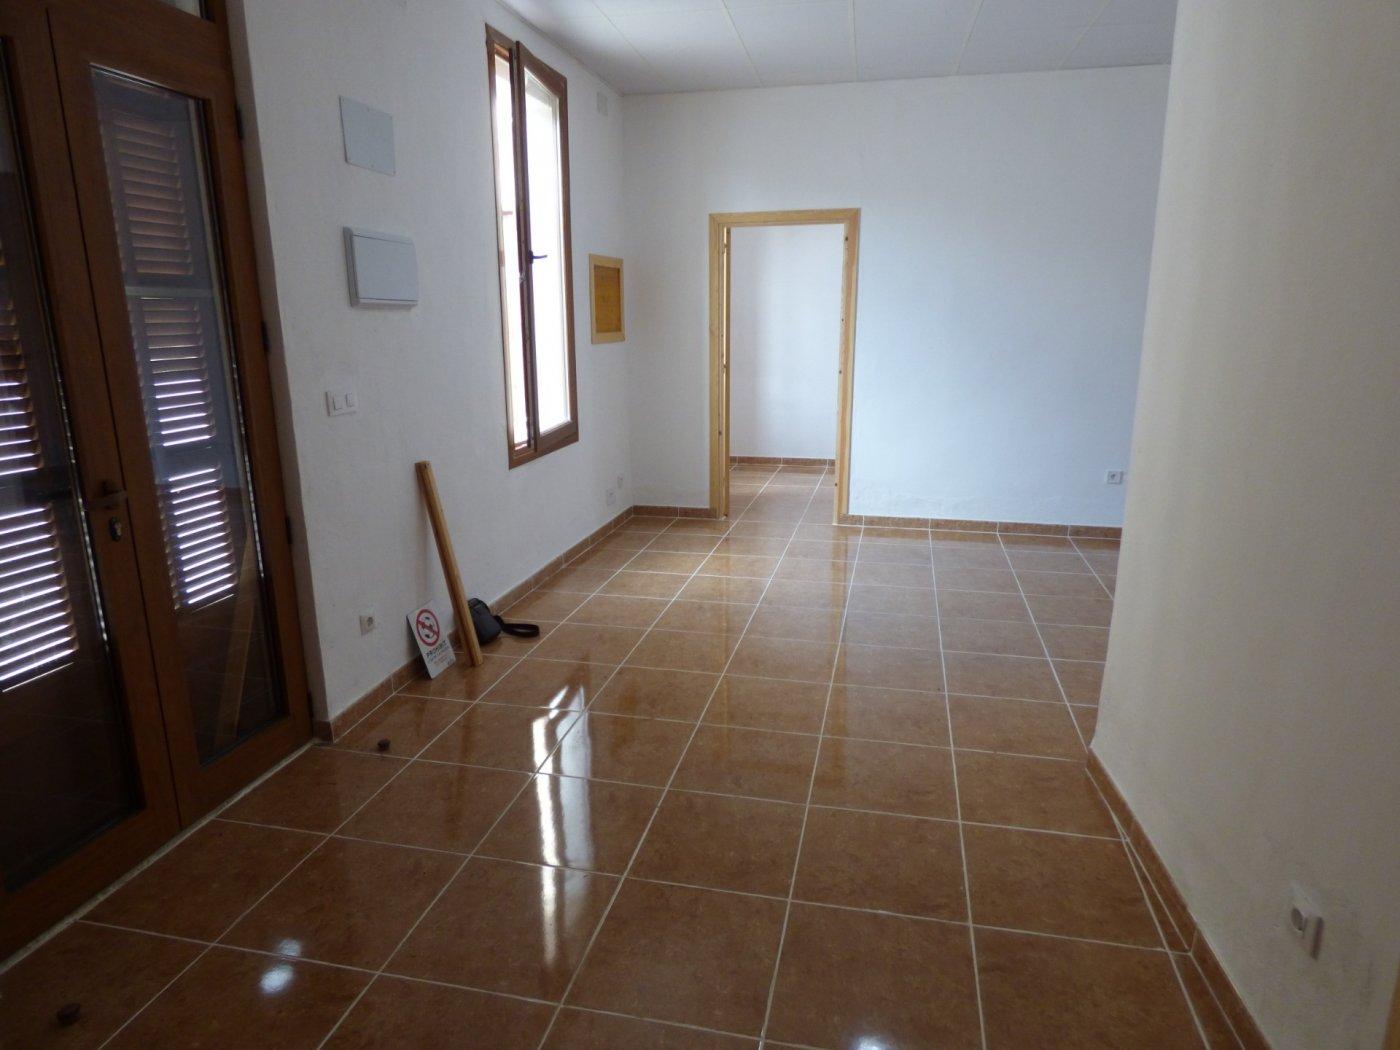 Casa de pueblo reformada mancor del vall - imagenInmueble9